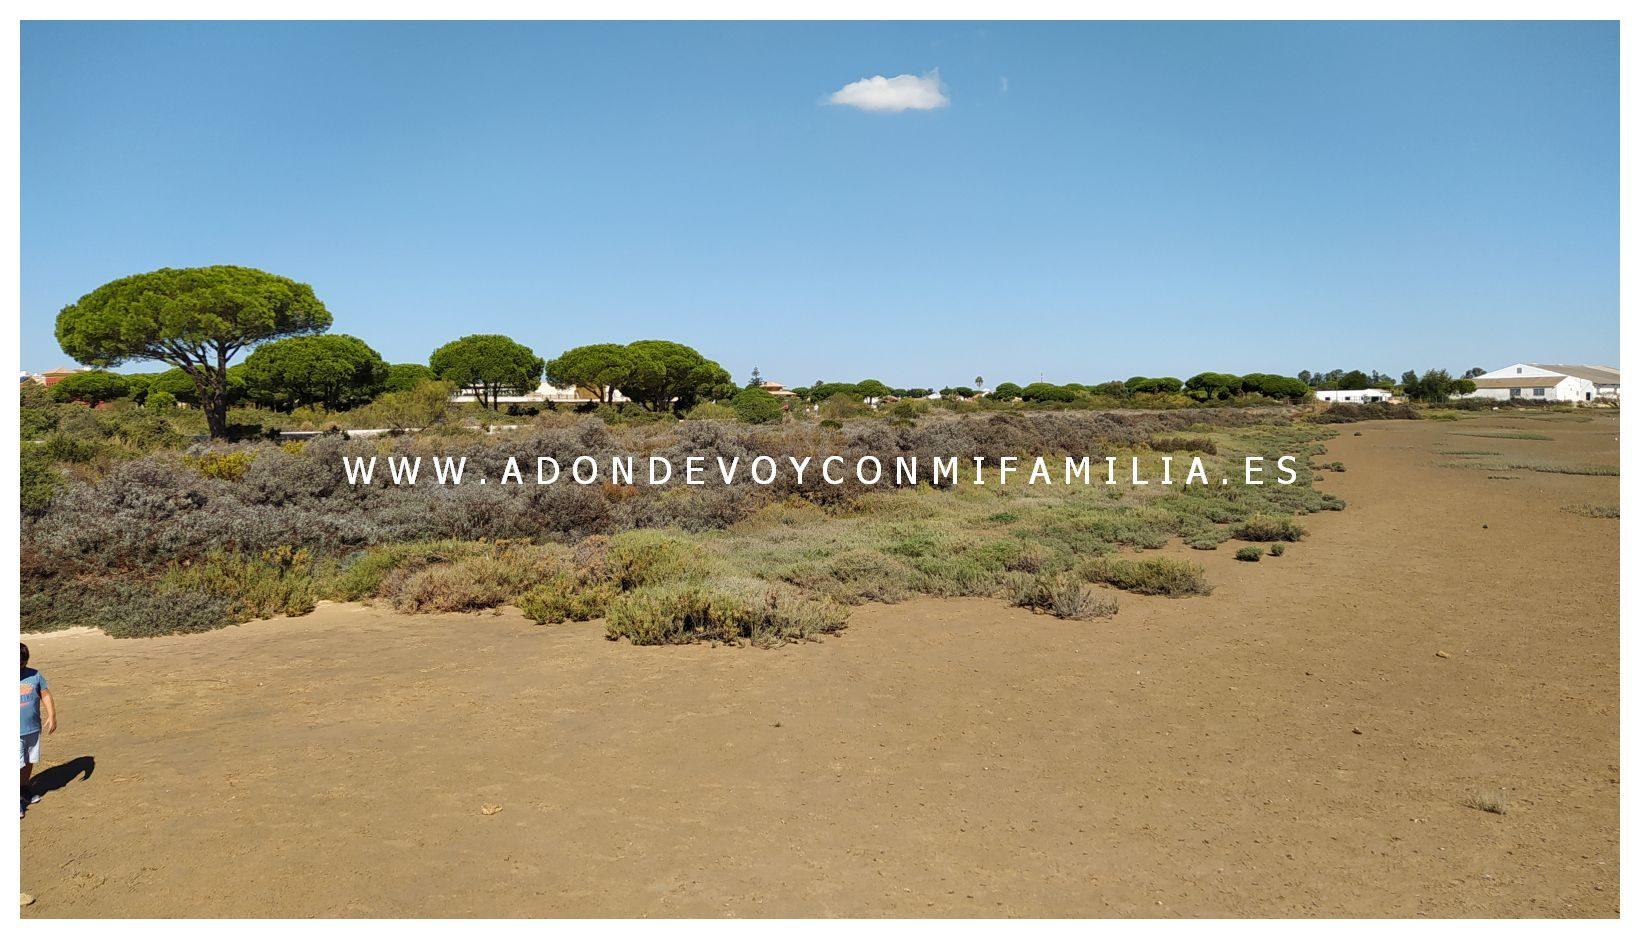 1_los-torunos-adondevoyconmifamilia-013